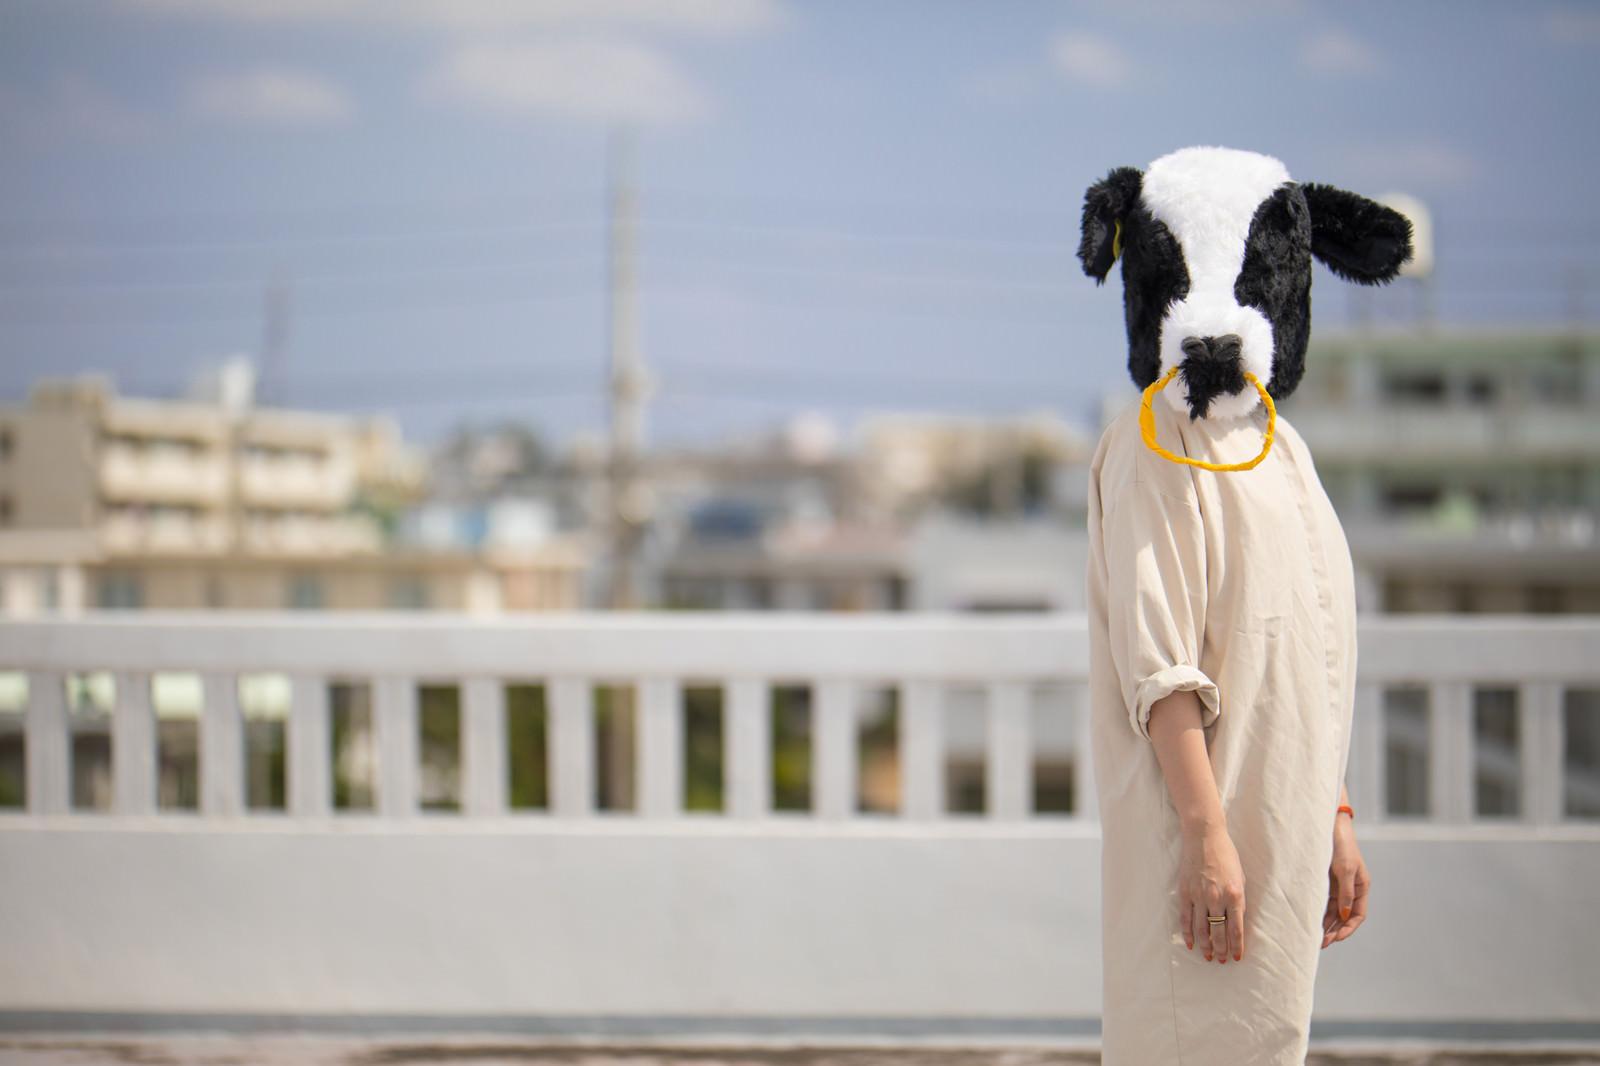 「立ちすくむ牛女」の写真